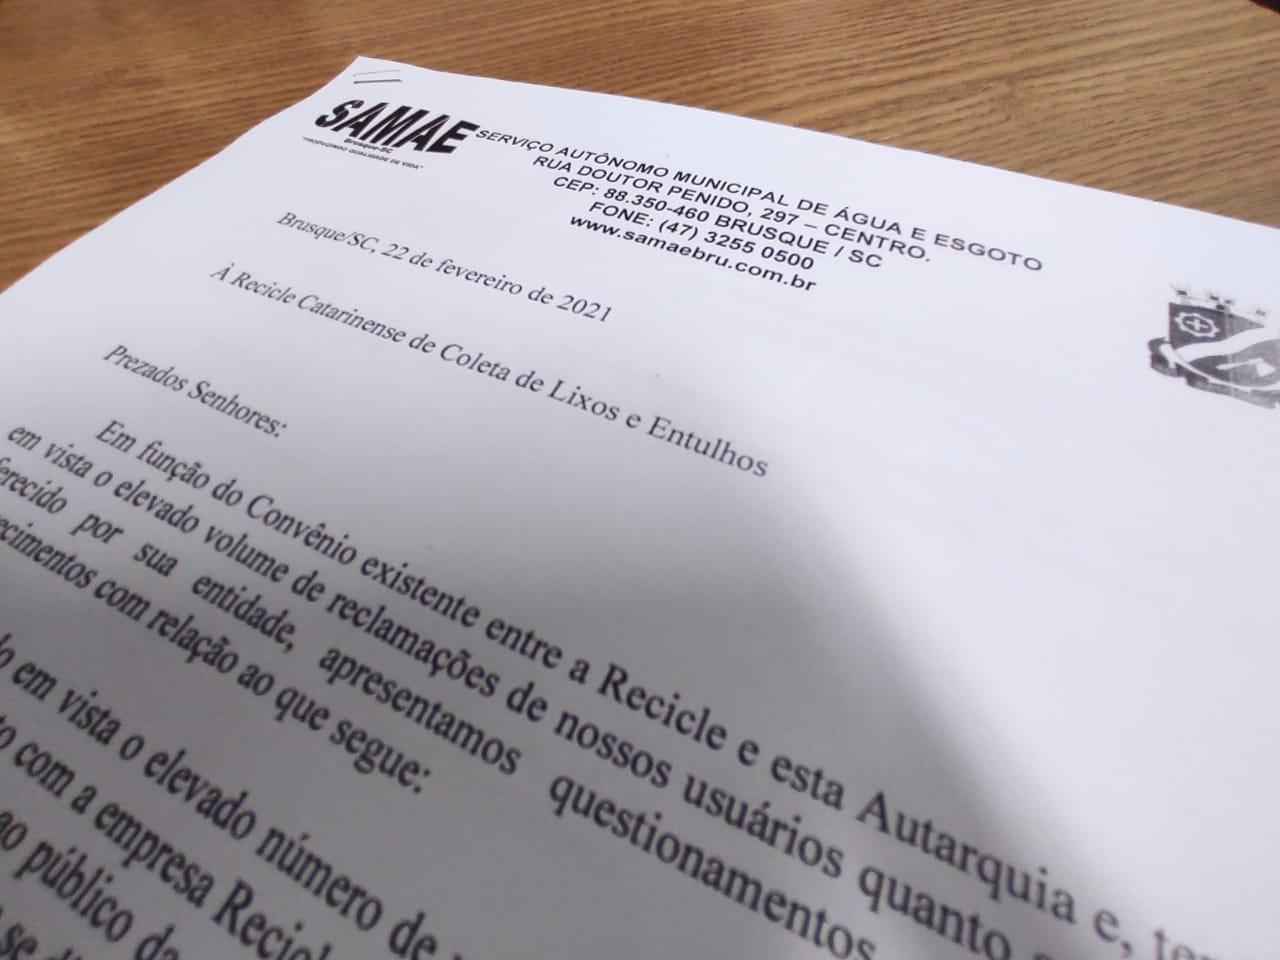 Samae notifica Recicle Catarinense de Resíduos